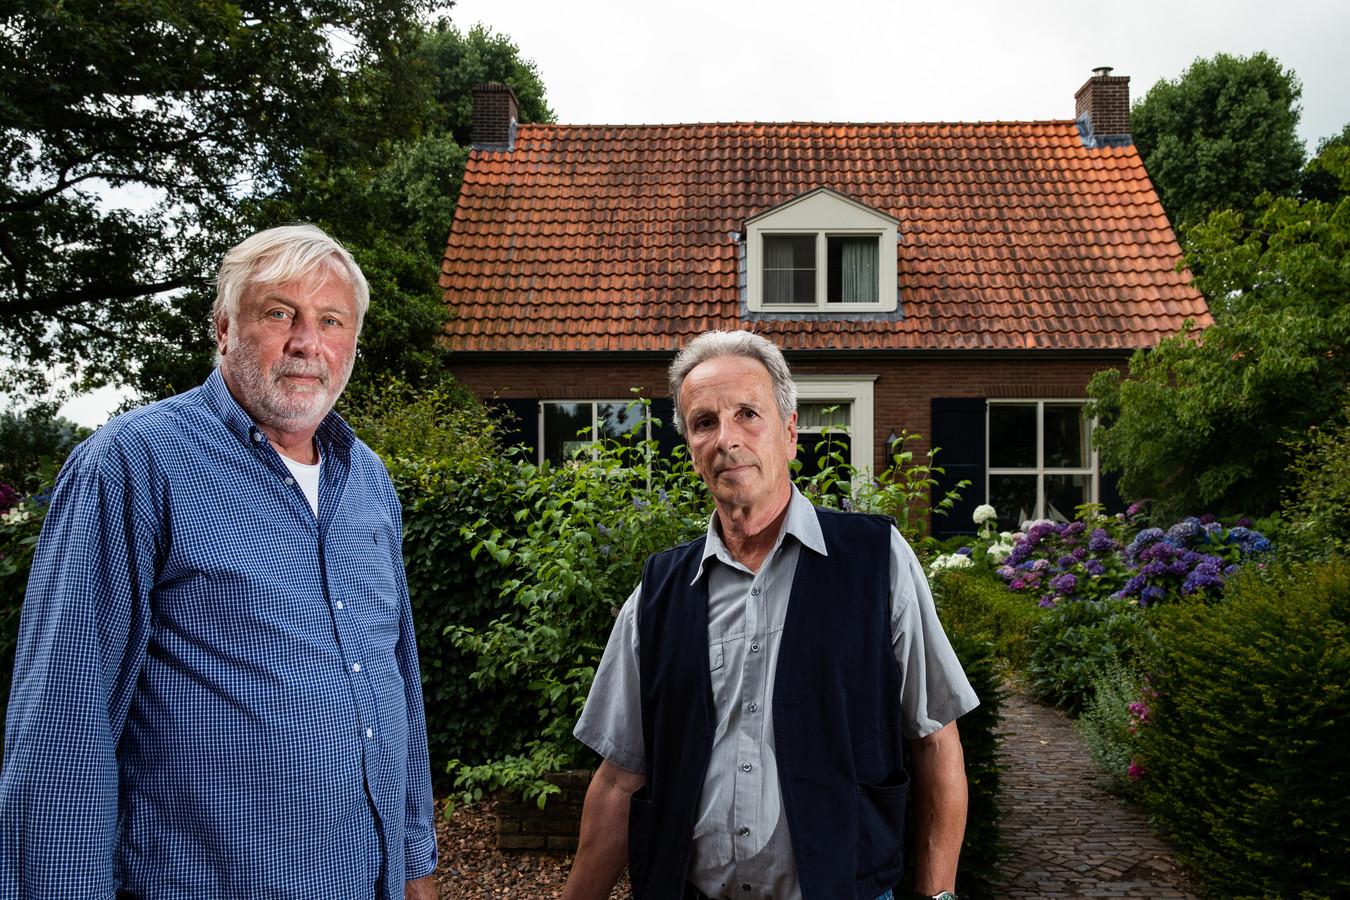 Stichting IJsselhoeven brengt alle wederopbouwboerderijen in het IJsselgebied in kaart. Fred van der Mije (rechts) is gegrepen door de verhalen van de boerderijen, zoals het verhaal van het huis van Carel Meerstadt (links) in Zutphen.